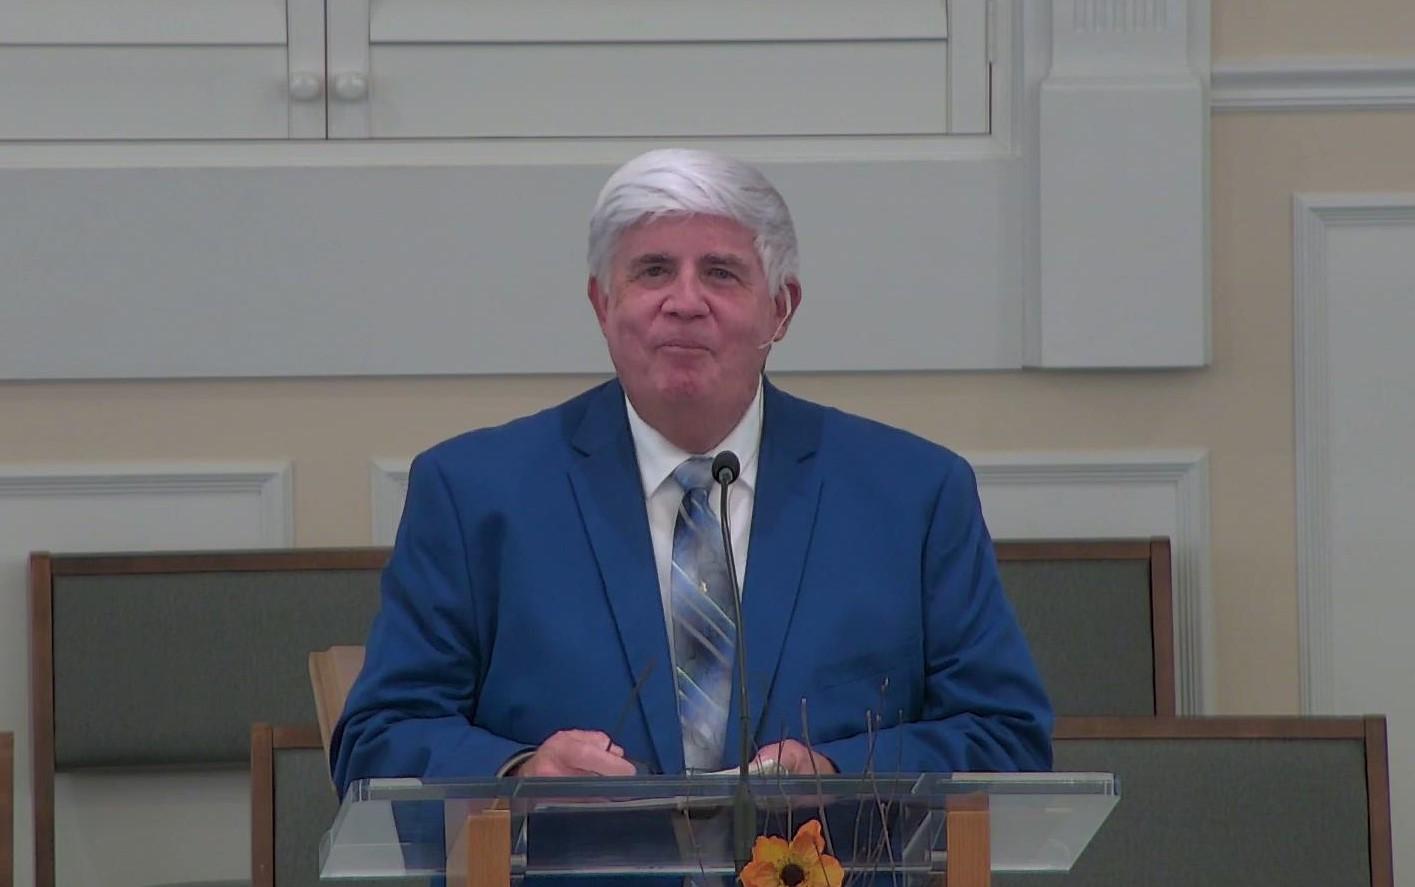 Rev. Teddy Ward, Interim Pastor